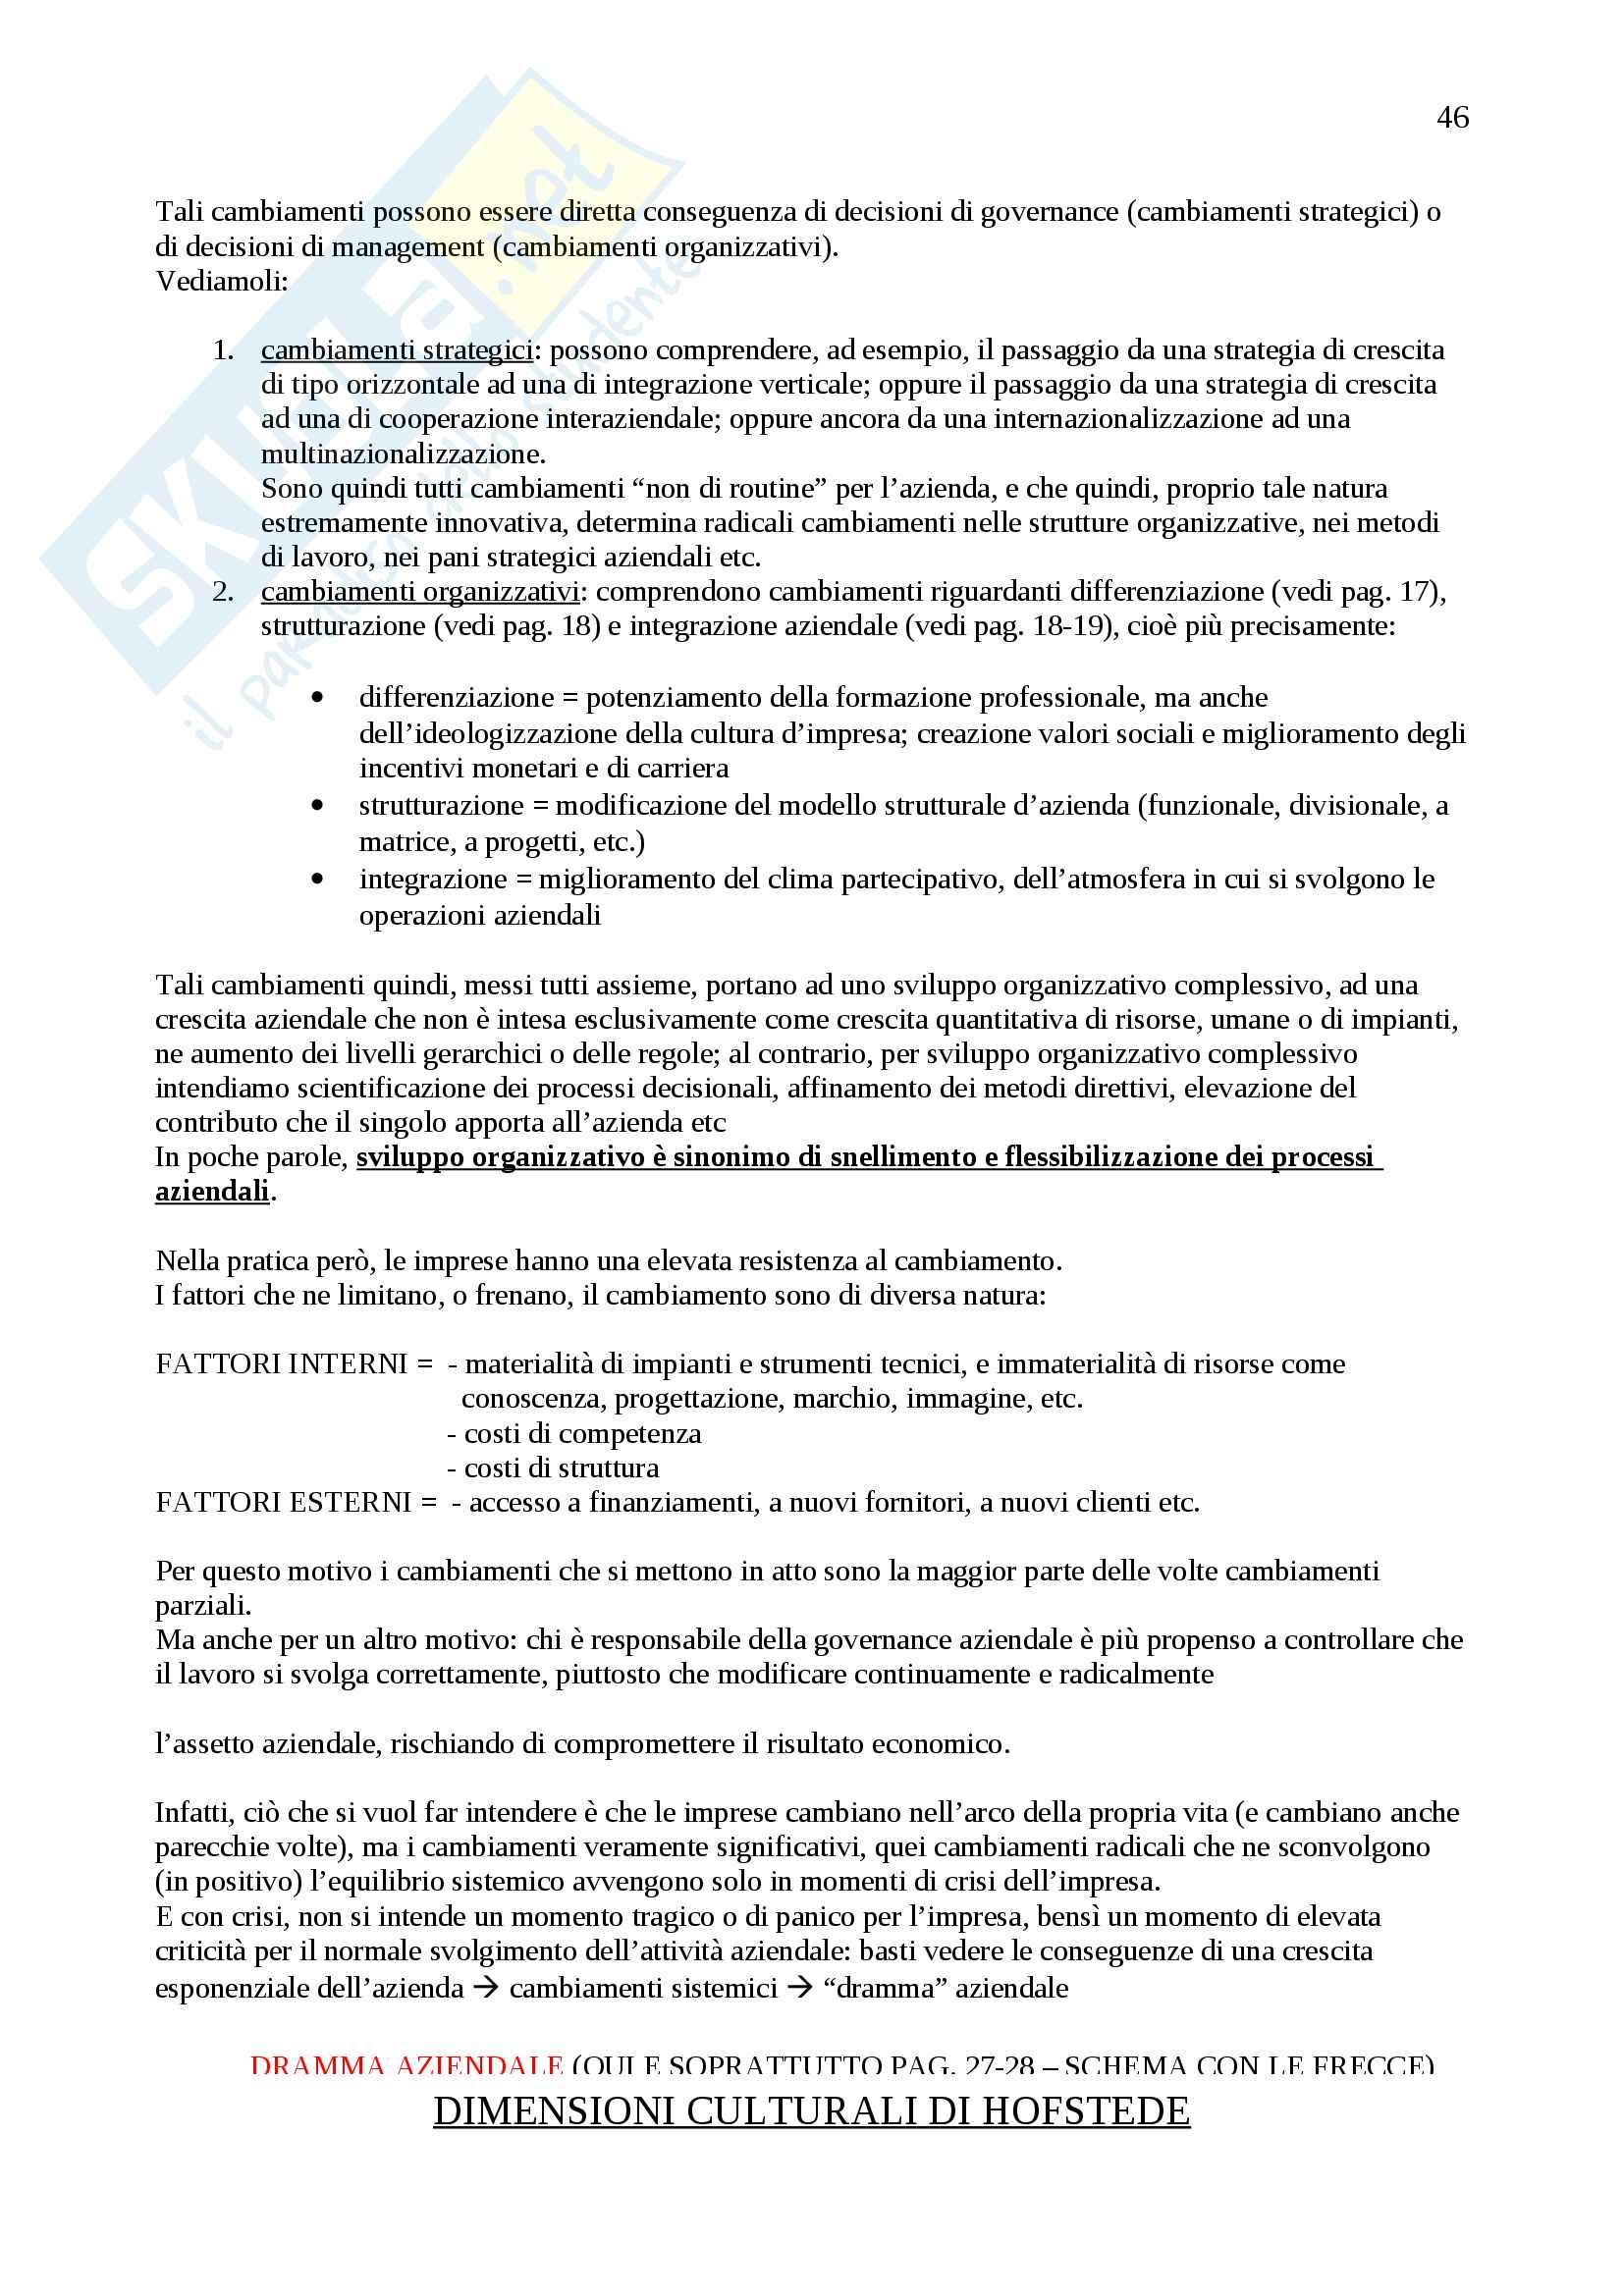 Appunti Economia e gestione delle imprese, Prof. Vagnani Pag. 46